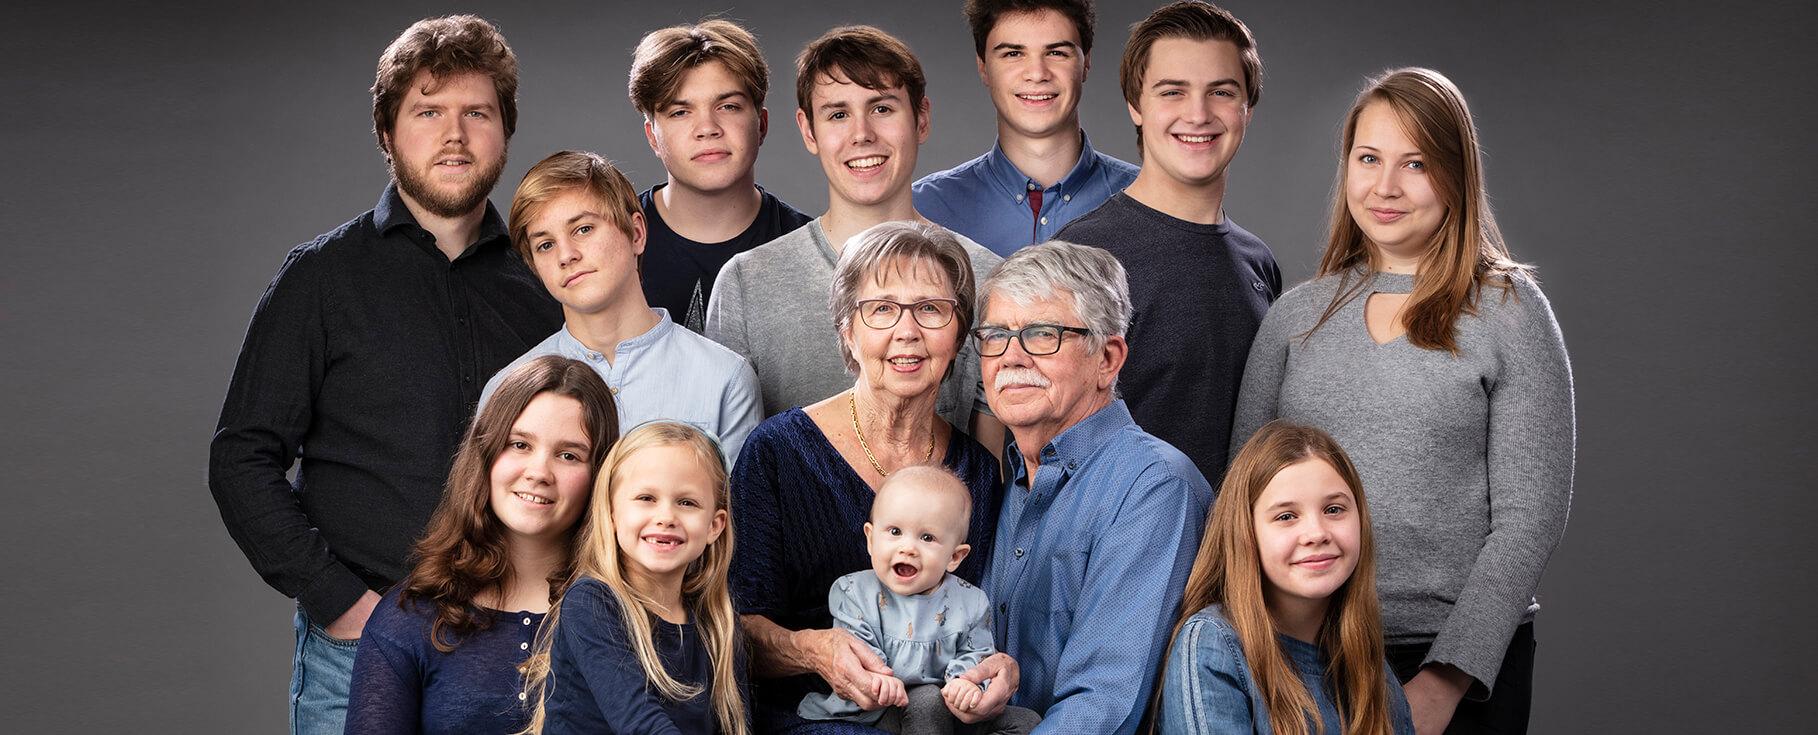 Familiefoto van kleinkinderen met oma en opa